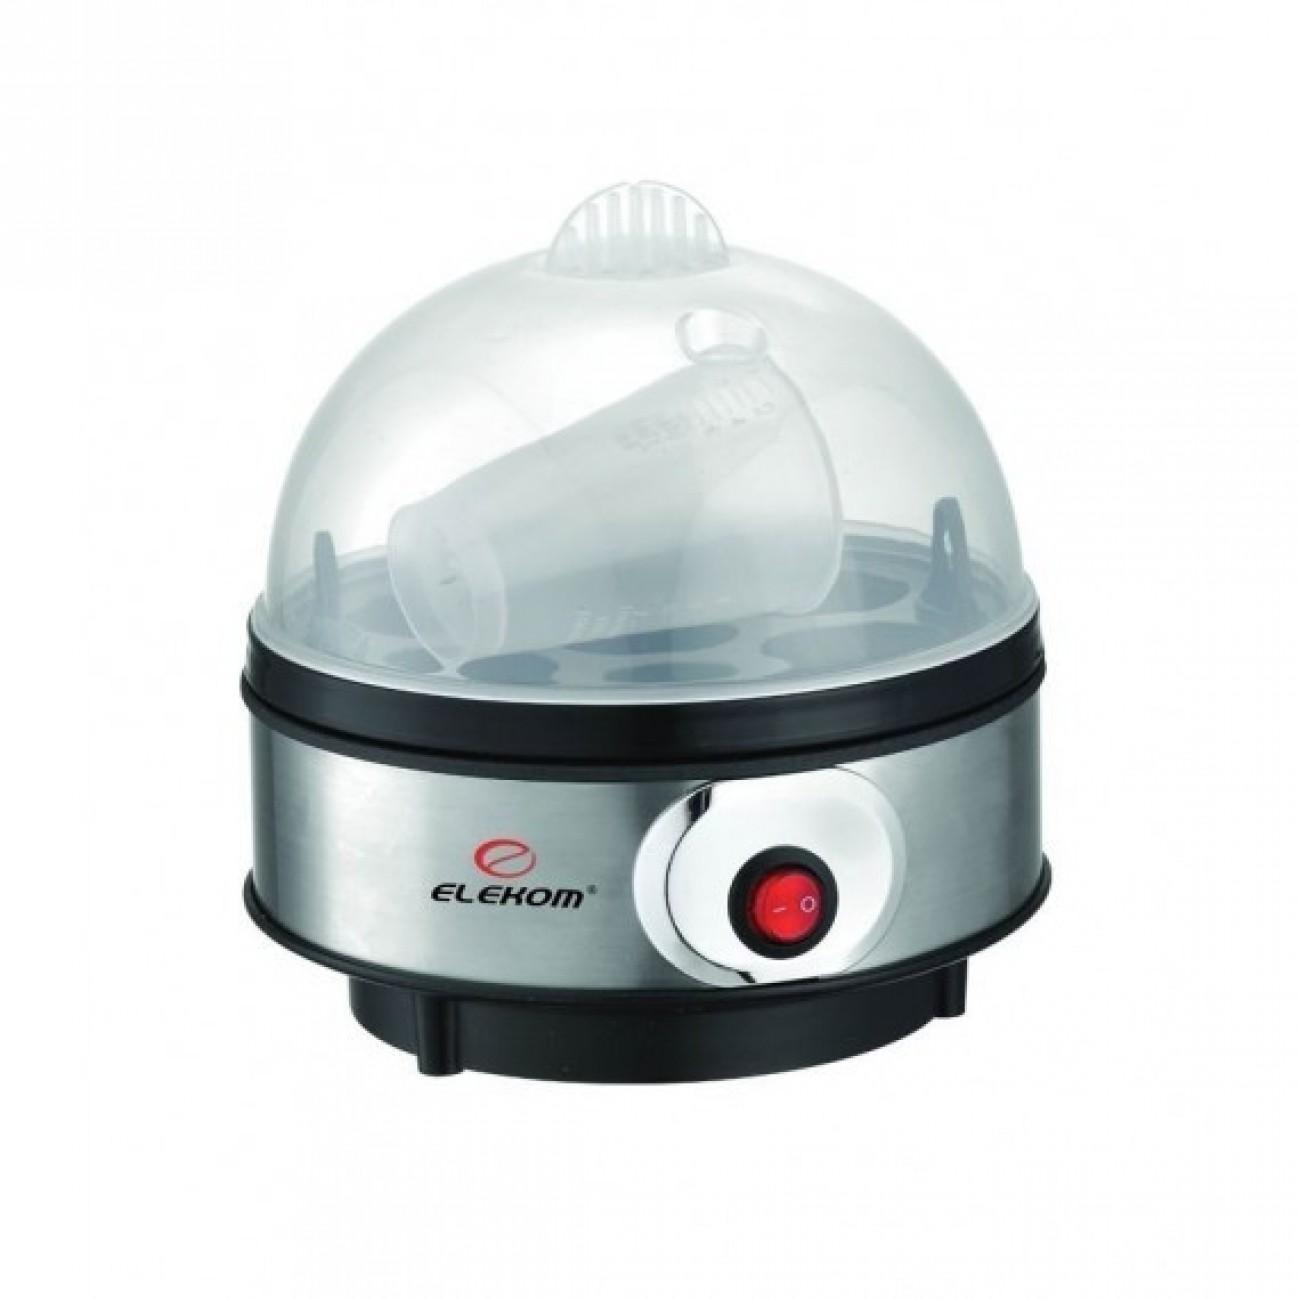 Яйцеварка Elekom EK 109 S/S в Multicooker & Уреди за готвене -  | Alleop